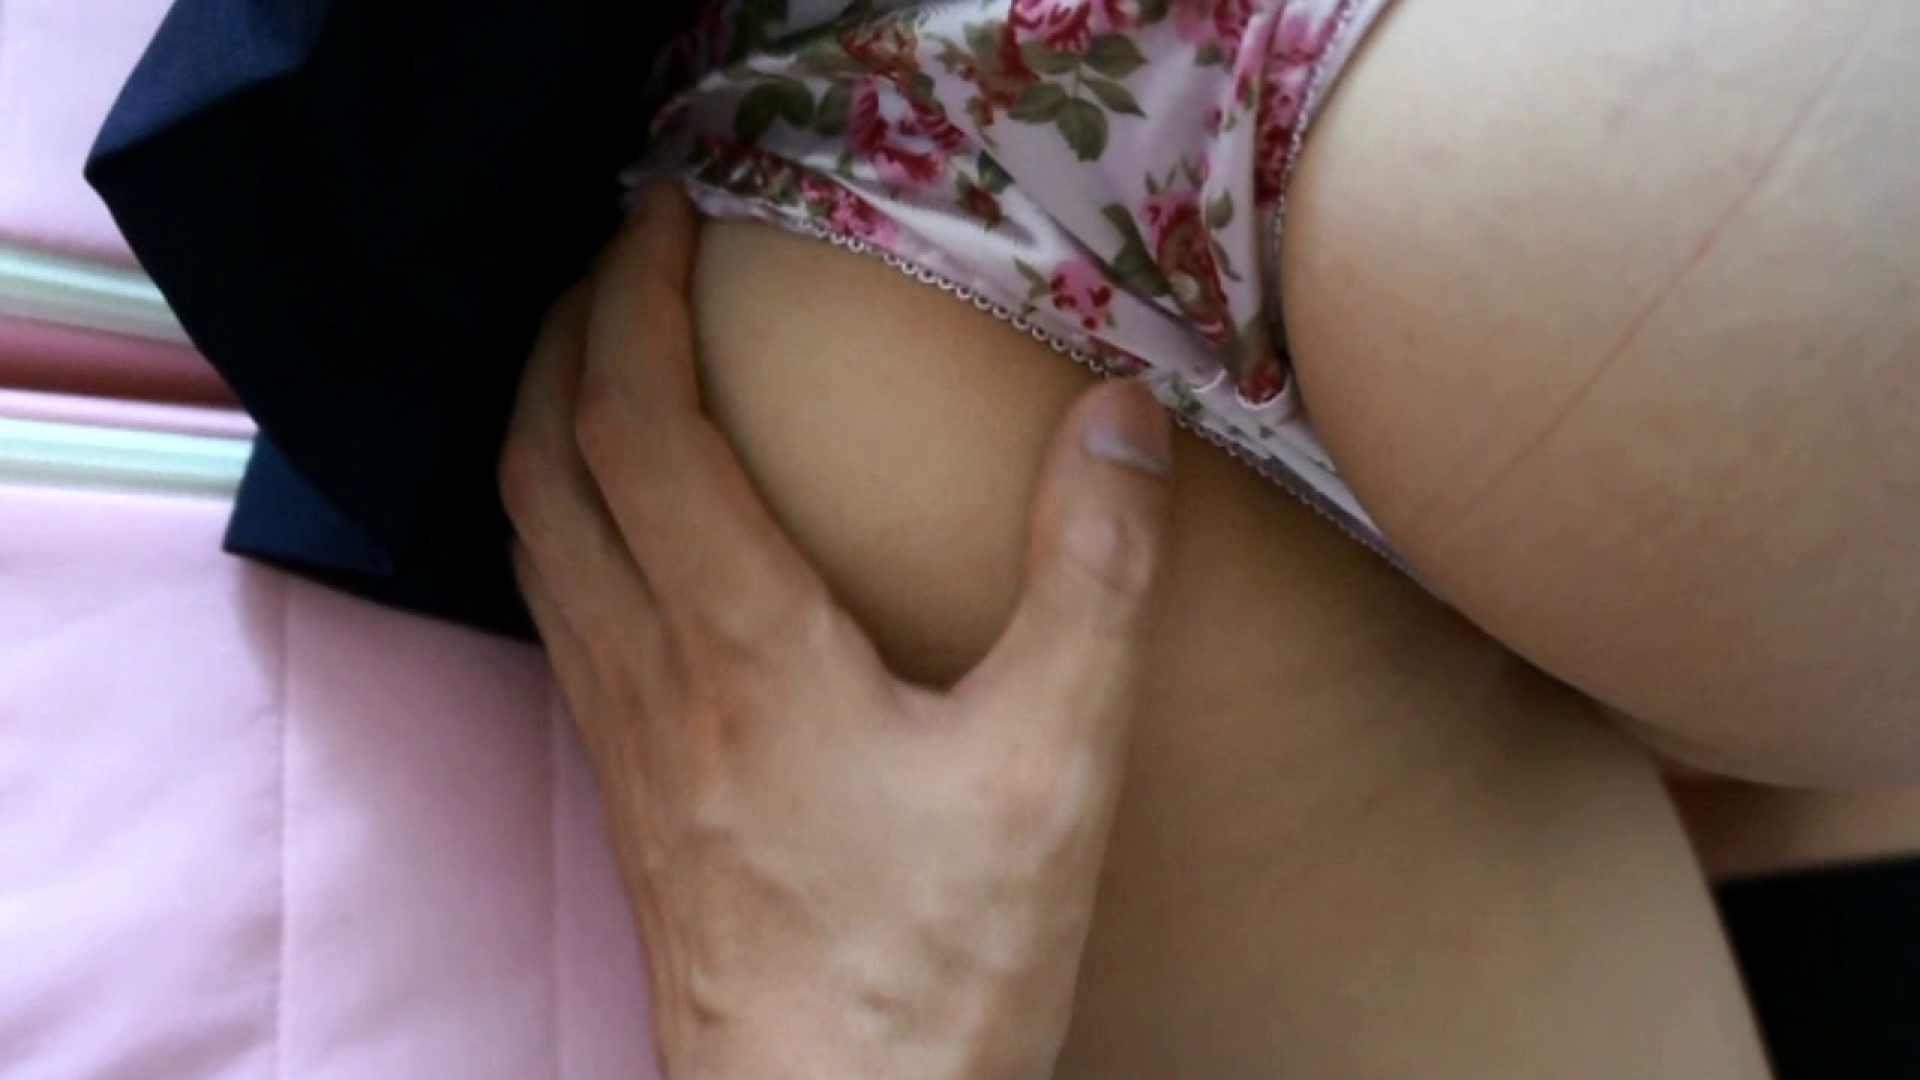 vol.2 ユリナちゃんの身体を頬張りました。これからも遊びに来てね セックスする女性達 戯れ無修正画像 50画像 18